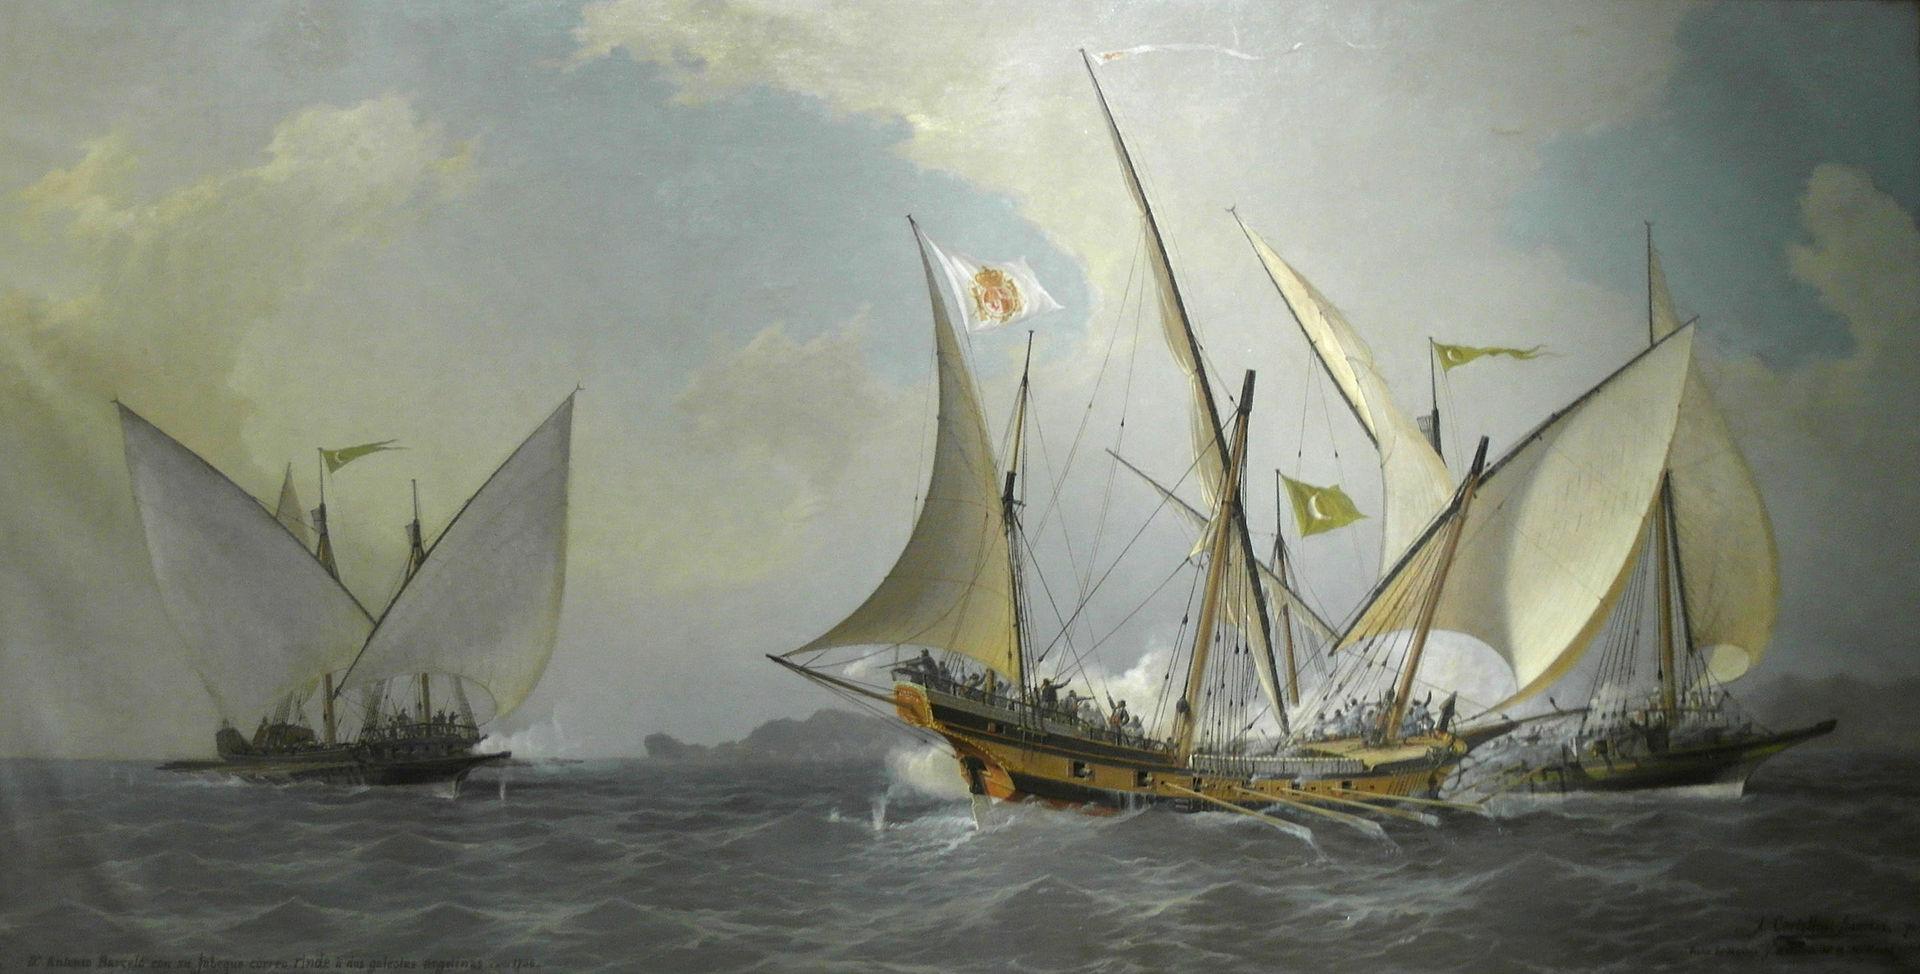 La guerra contro i corsari barbareschi ... sotto l'orizzonte militare - parte I